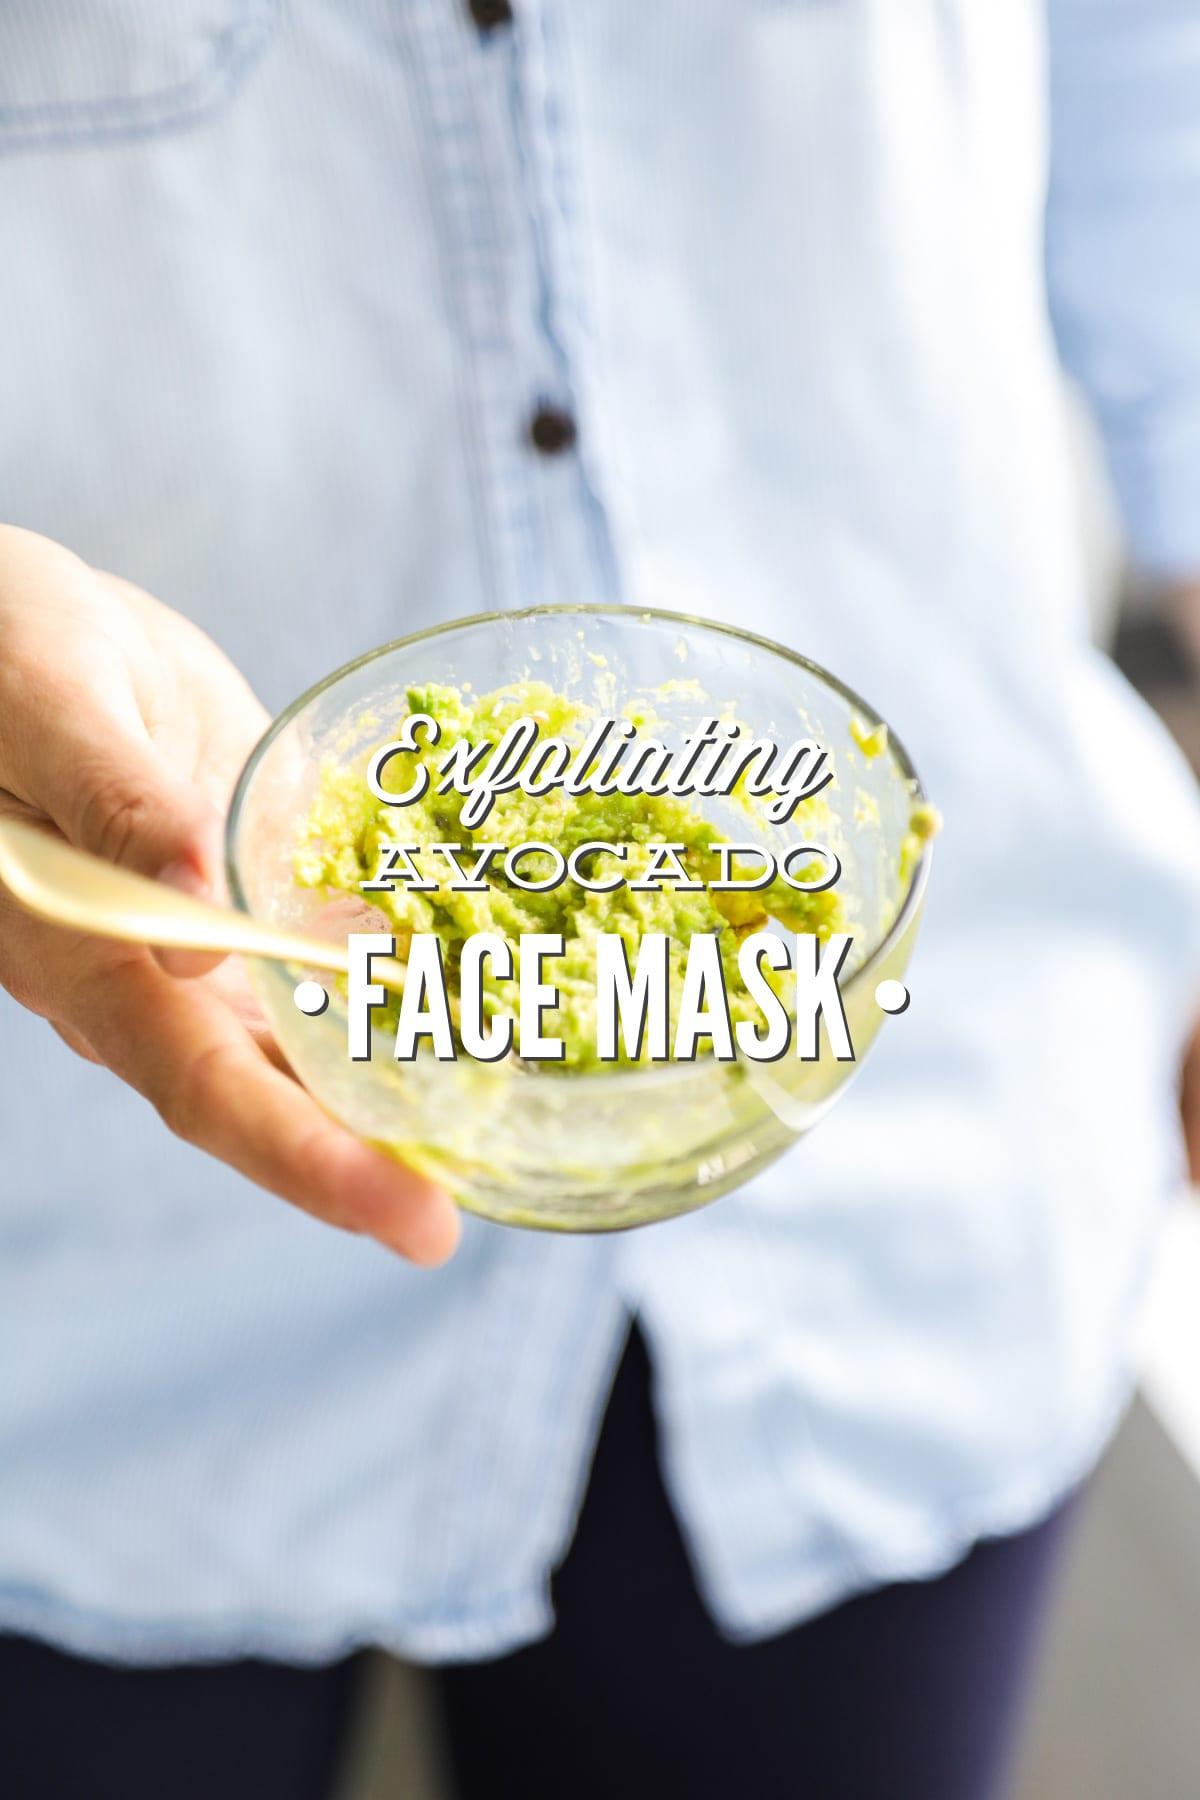 Exfoliating Avocado Facial Mask